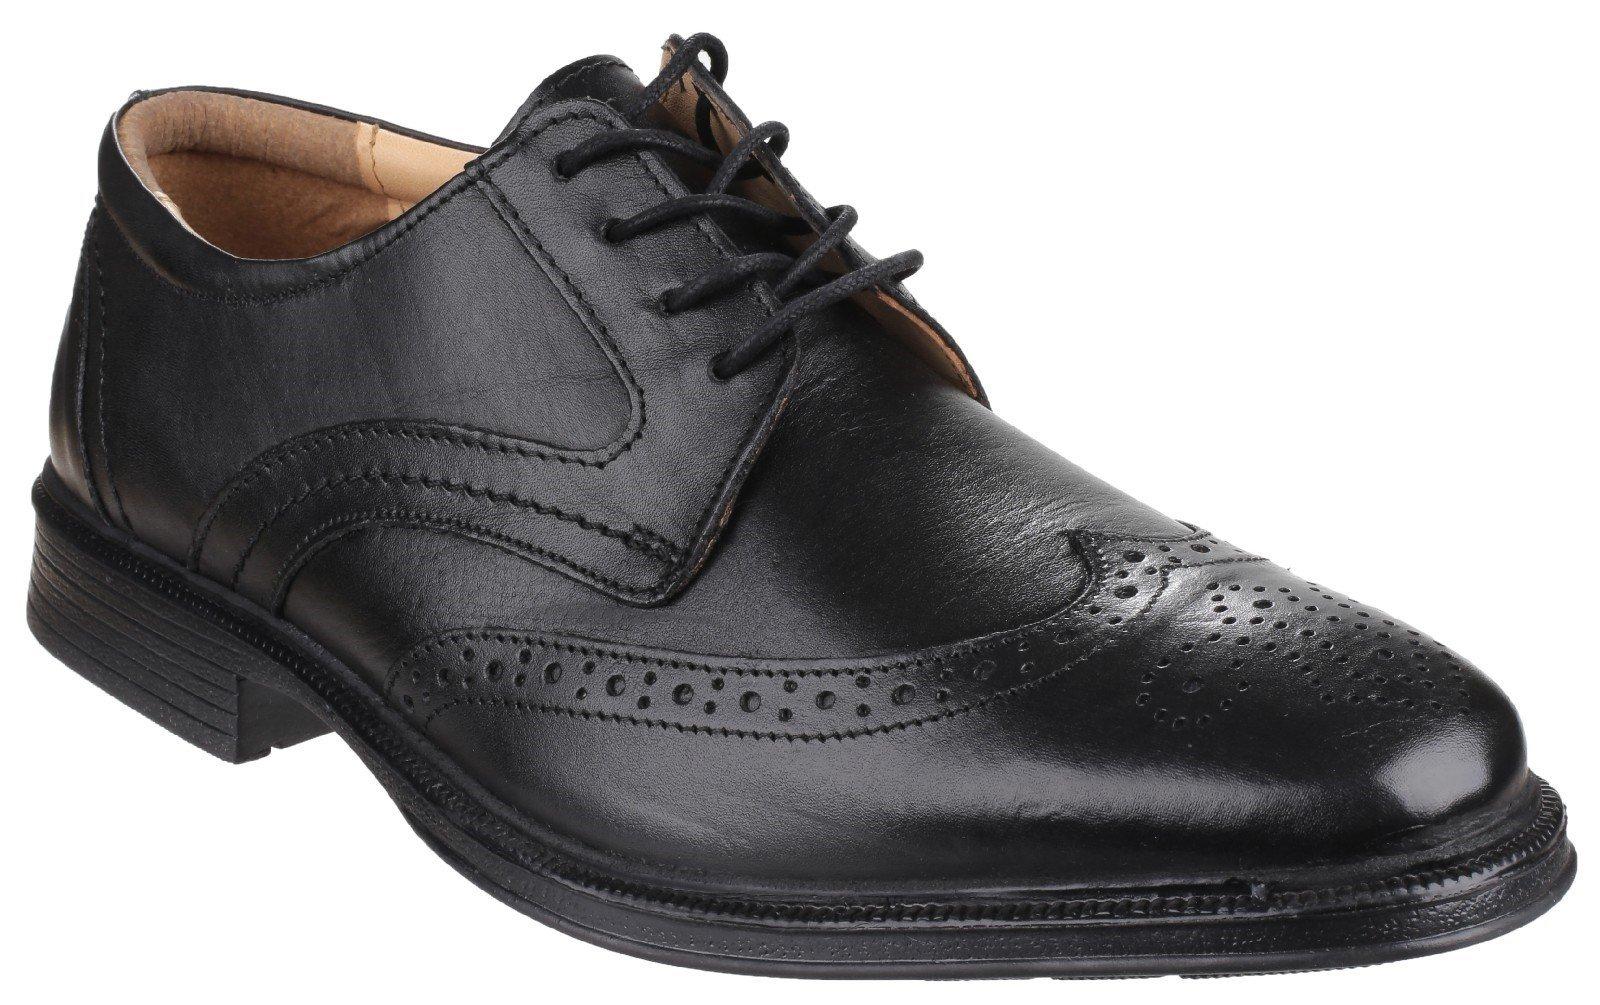 Cotswold Men's Mickleton Lace Up Derby Shoe Black 20300 - Black 6